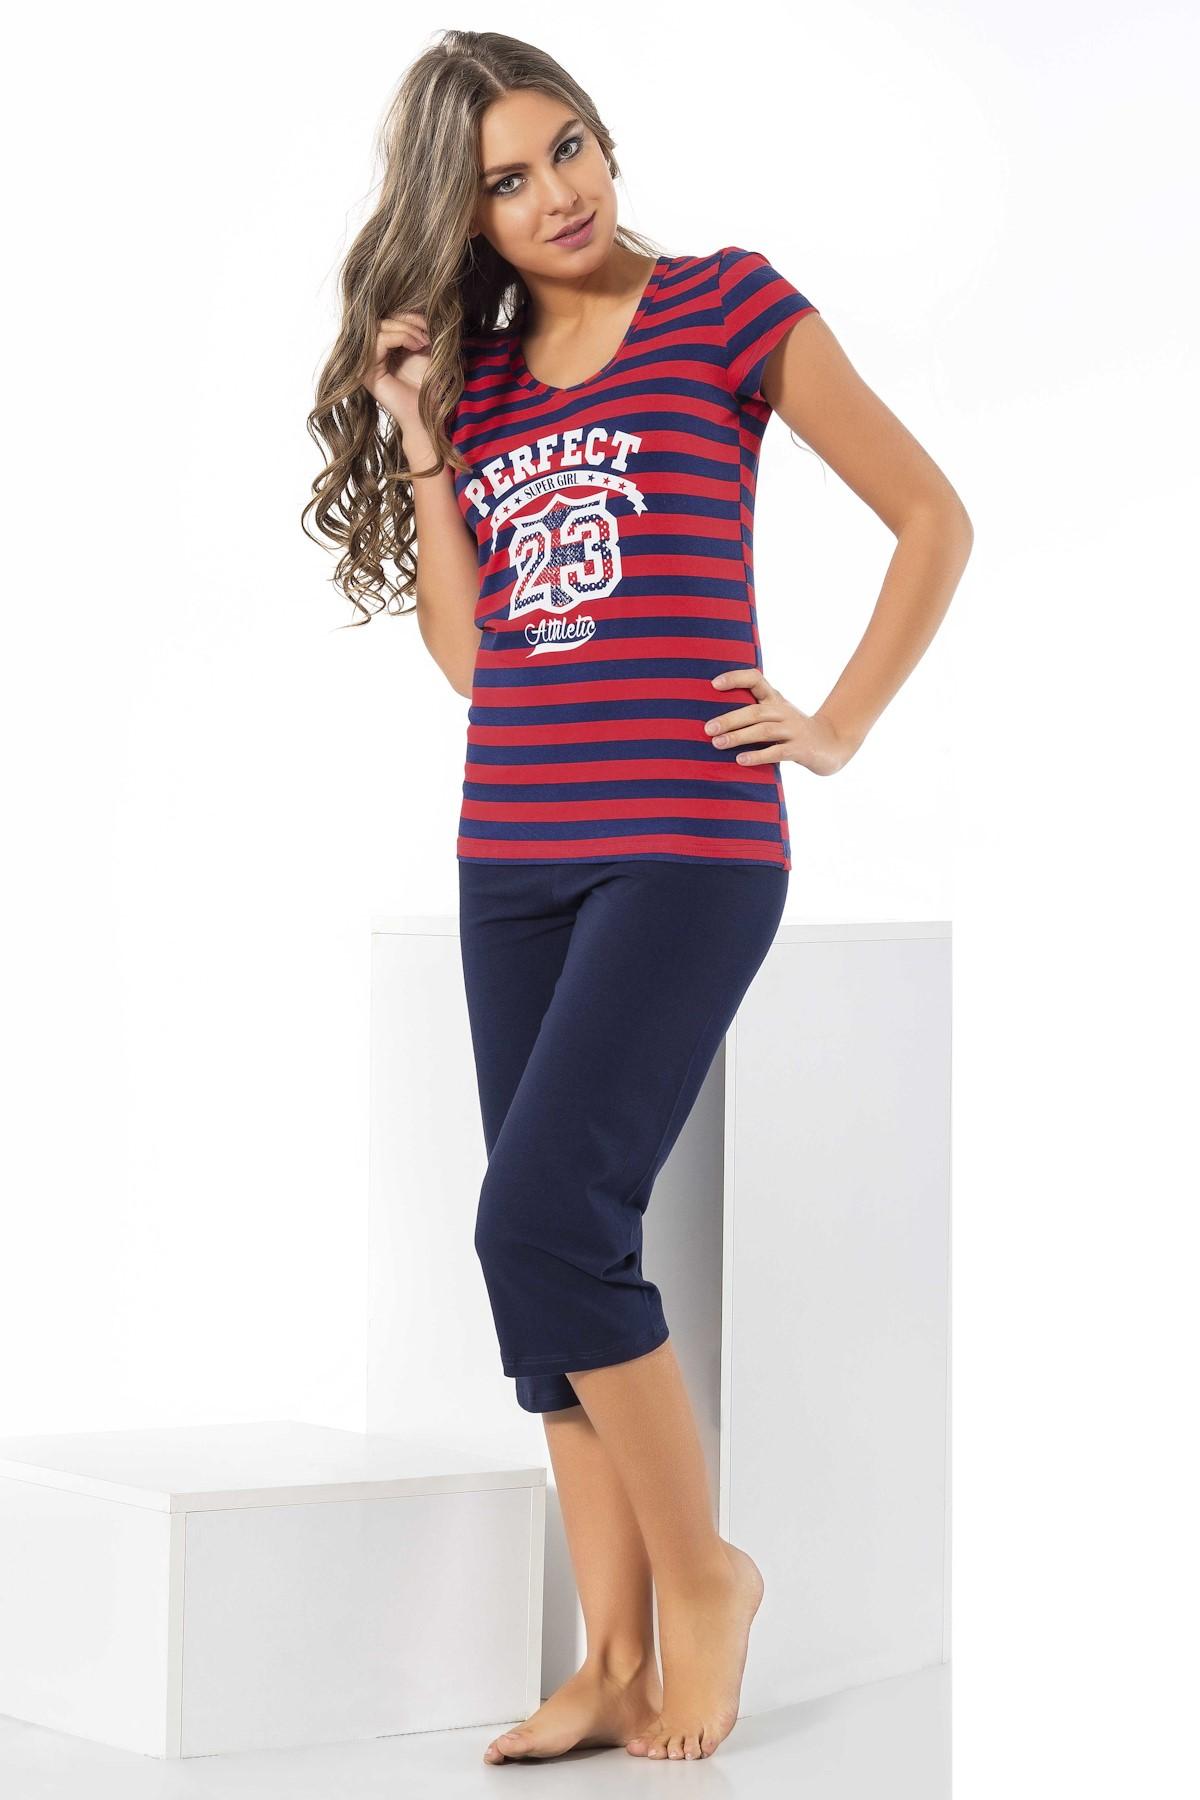 صورة بيجامات بنات , ملابس بيتي للبنات